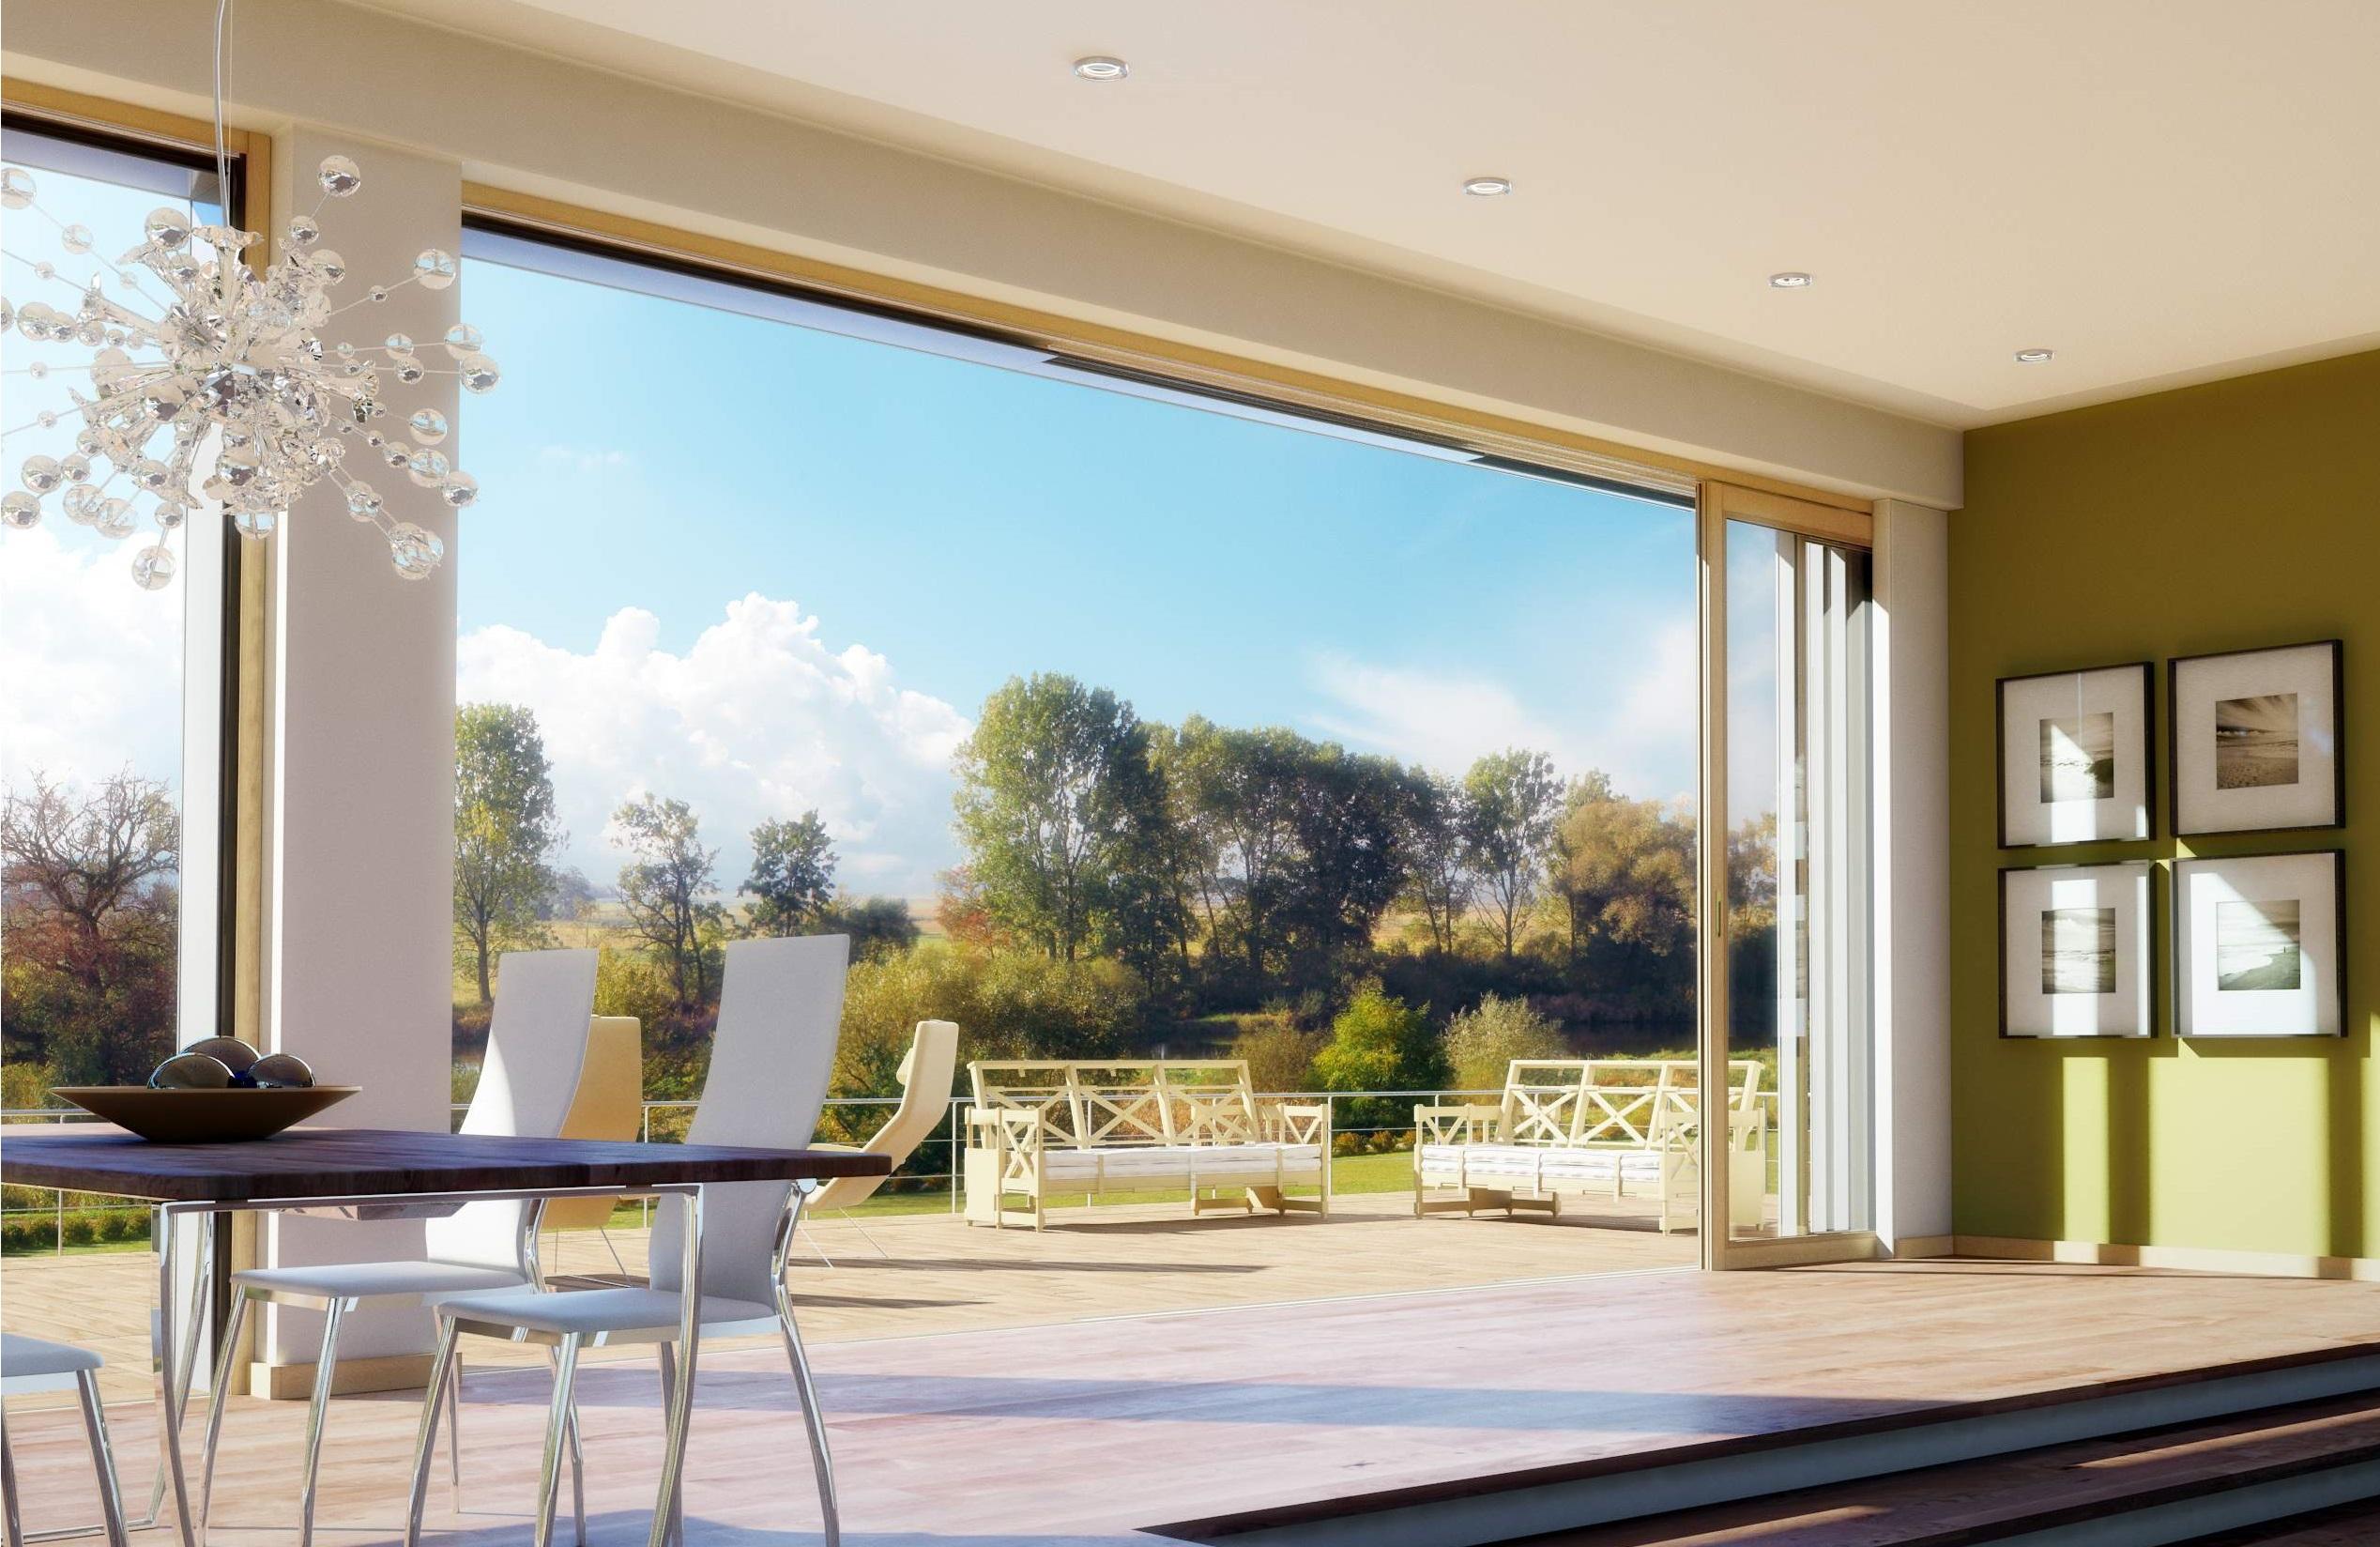 Gli infissi a scomparsa eleganti e pratici per la tua casa - Controtelaio finestra prezzo ...